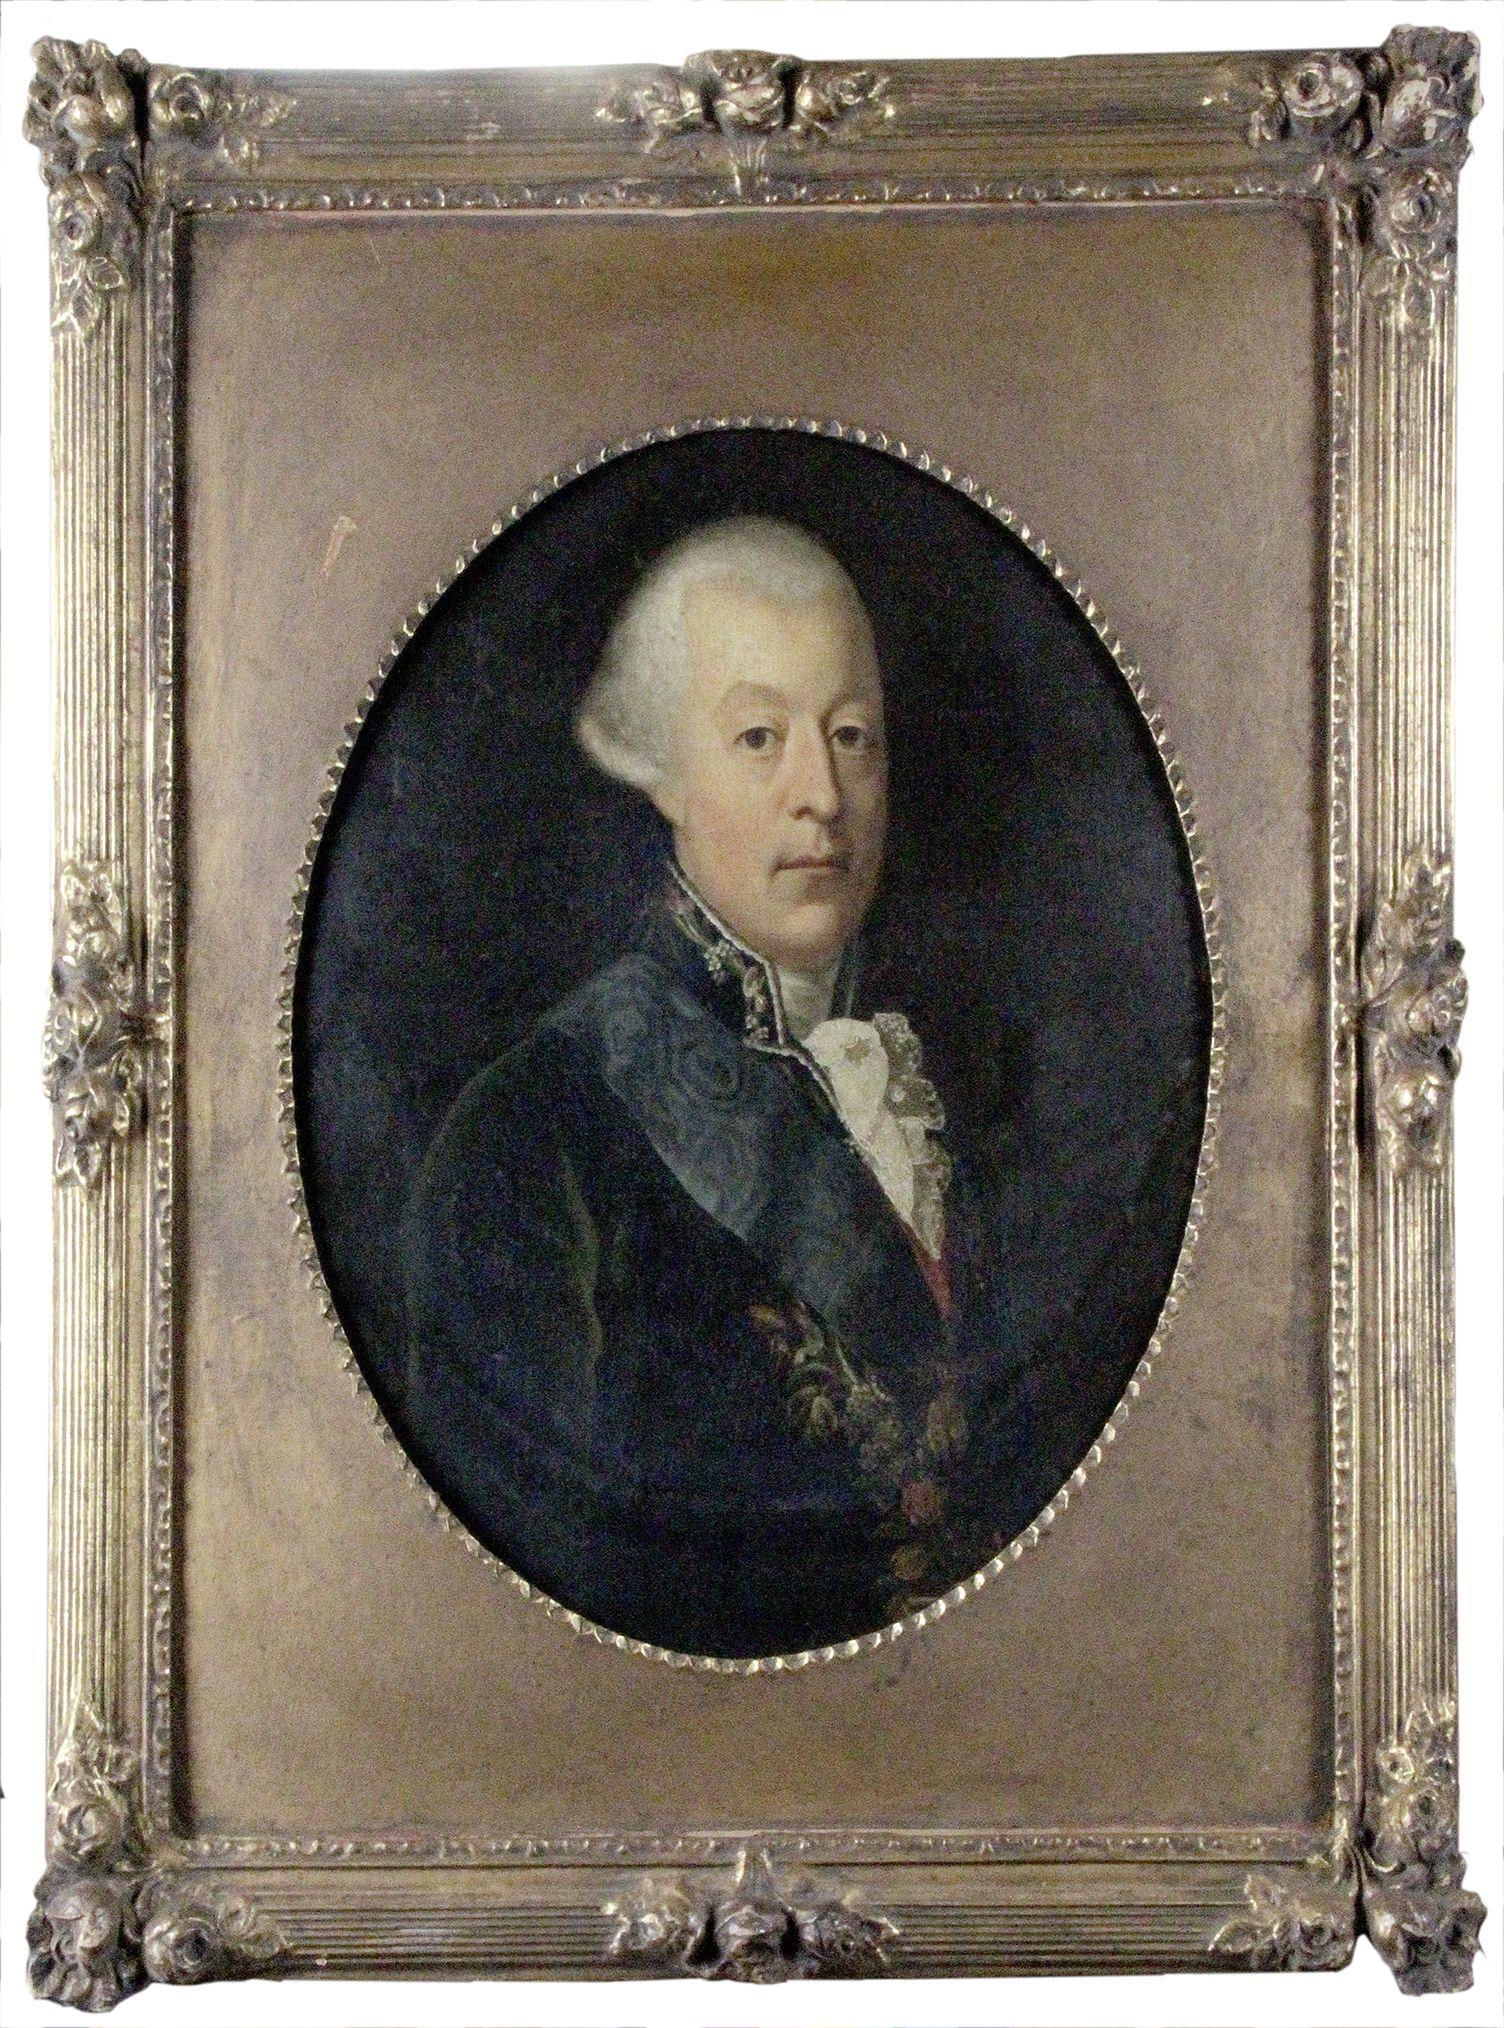 Qui sont les personnages peints sur ce tableau de Jean-Baptiste-André Gautier Dagoty ? Ce51f7d9f2b755c5ba308535b093d381